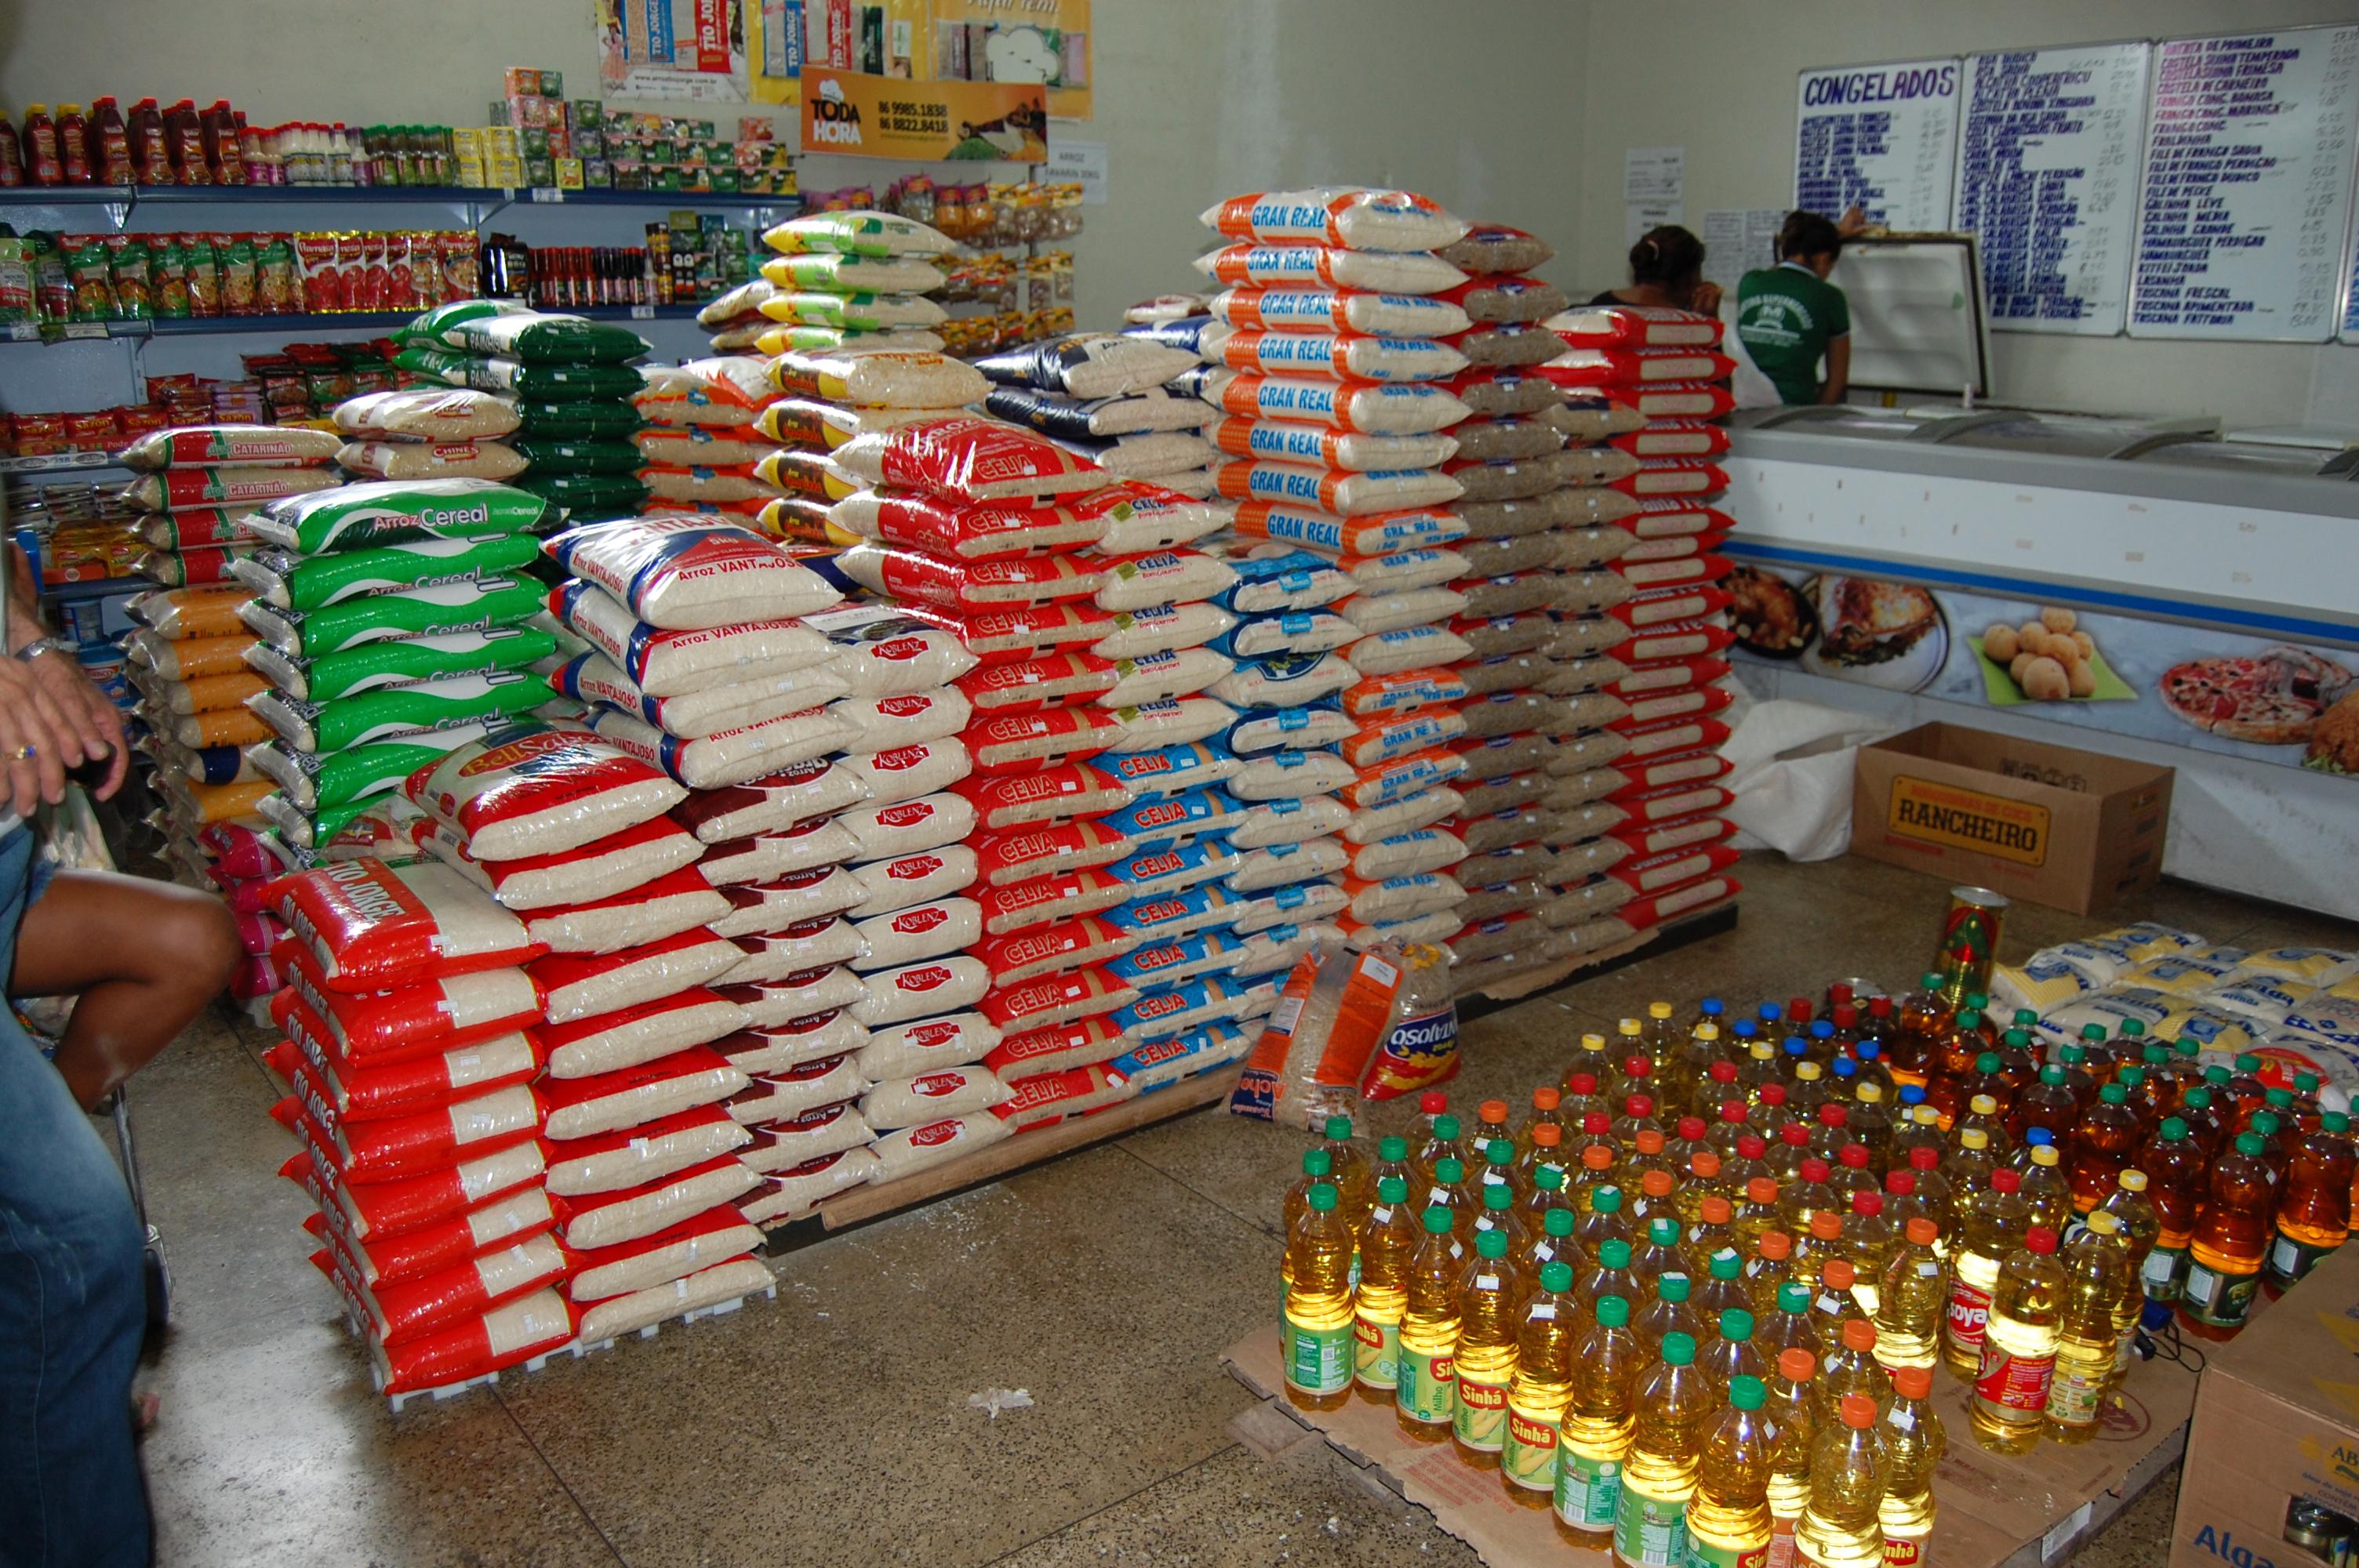 Supermercado Martins (25)